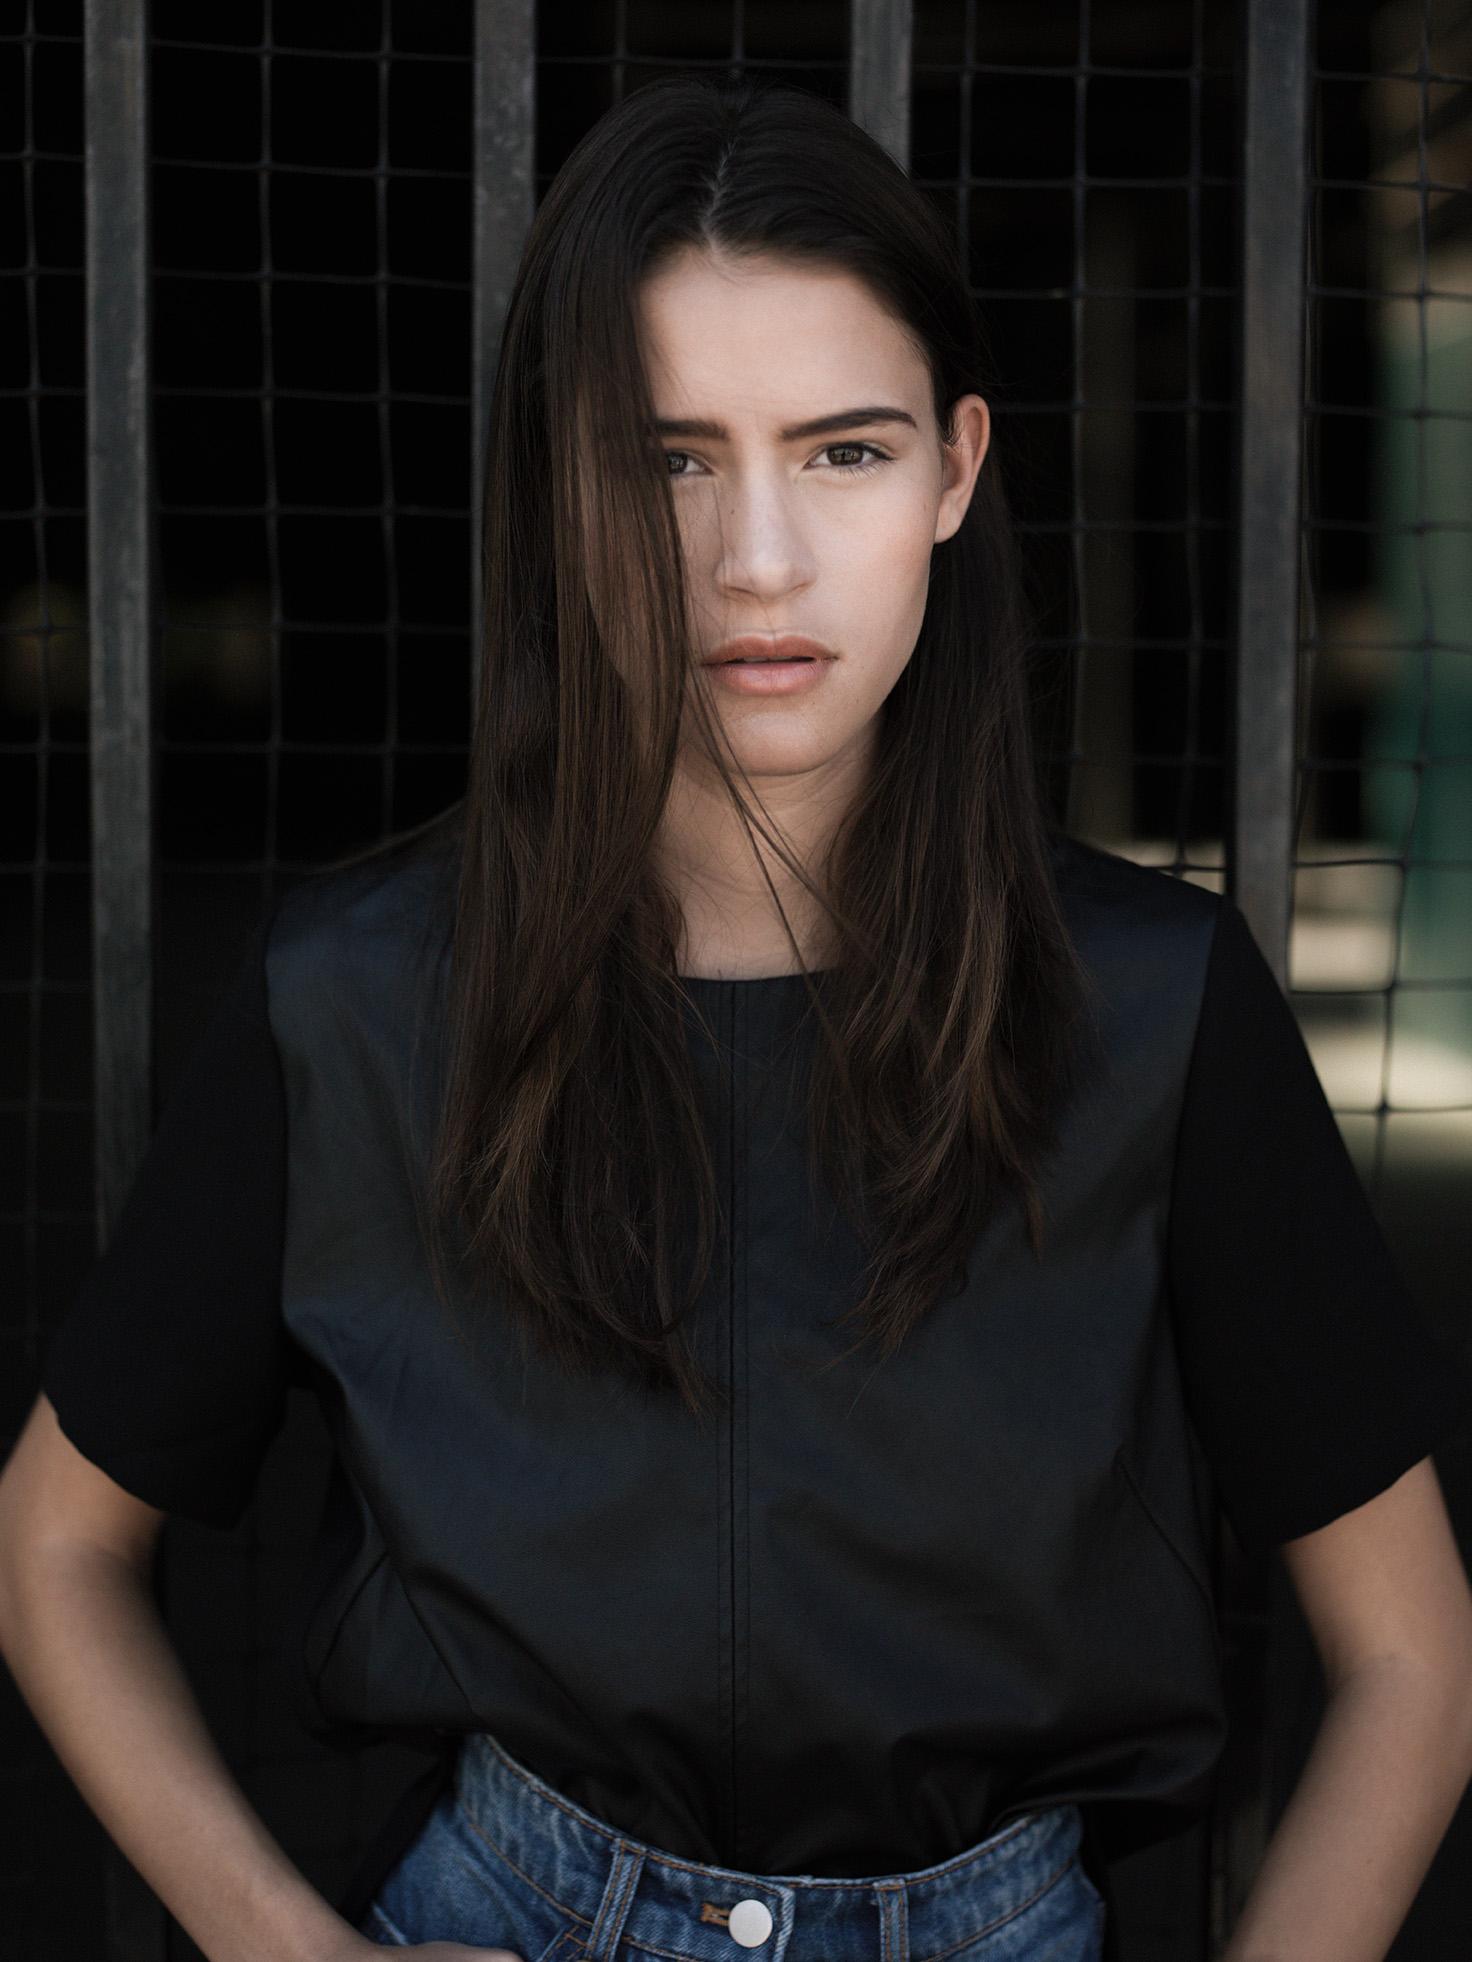 Helena Hahn